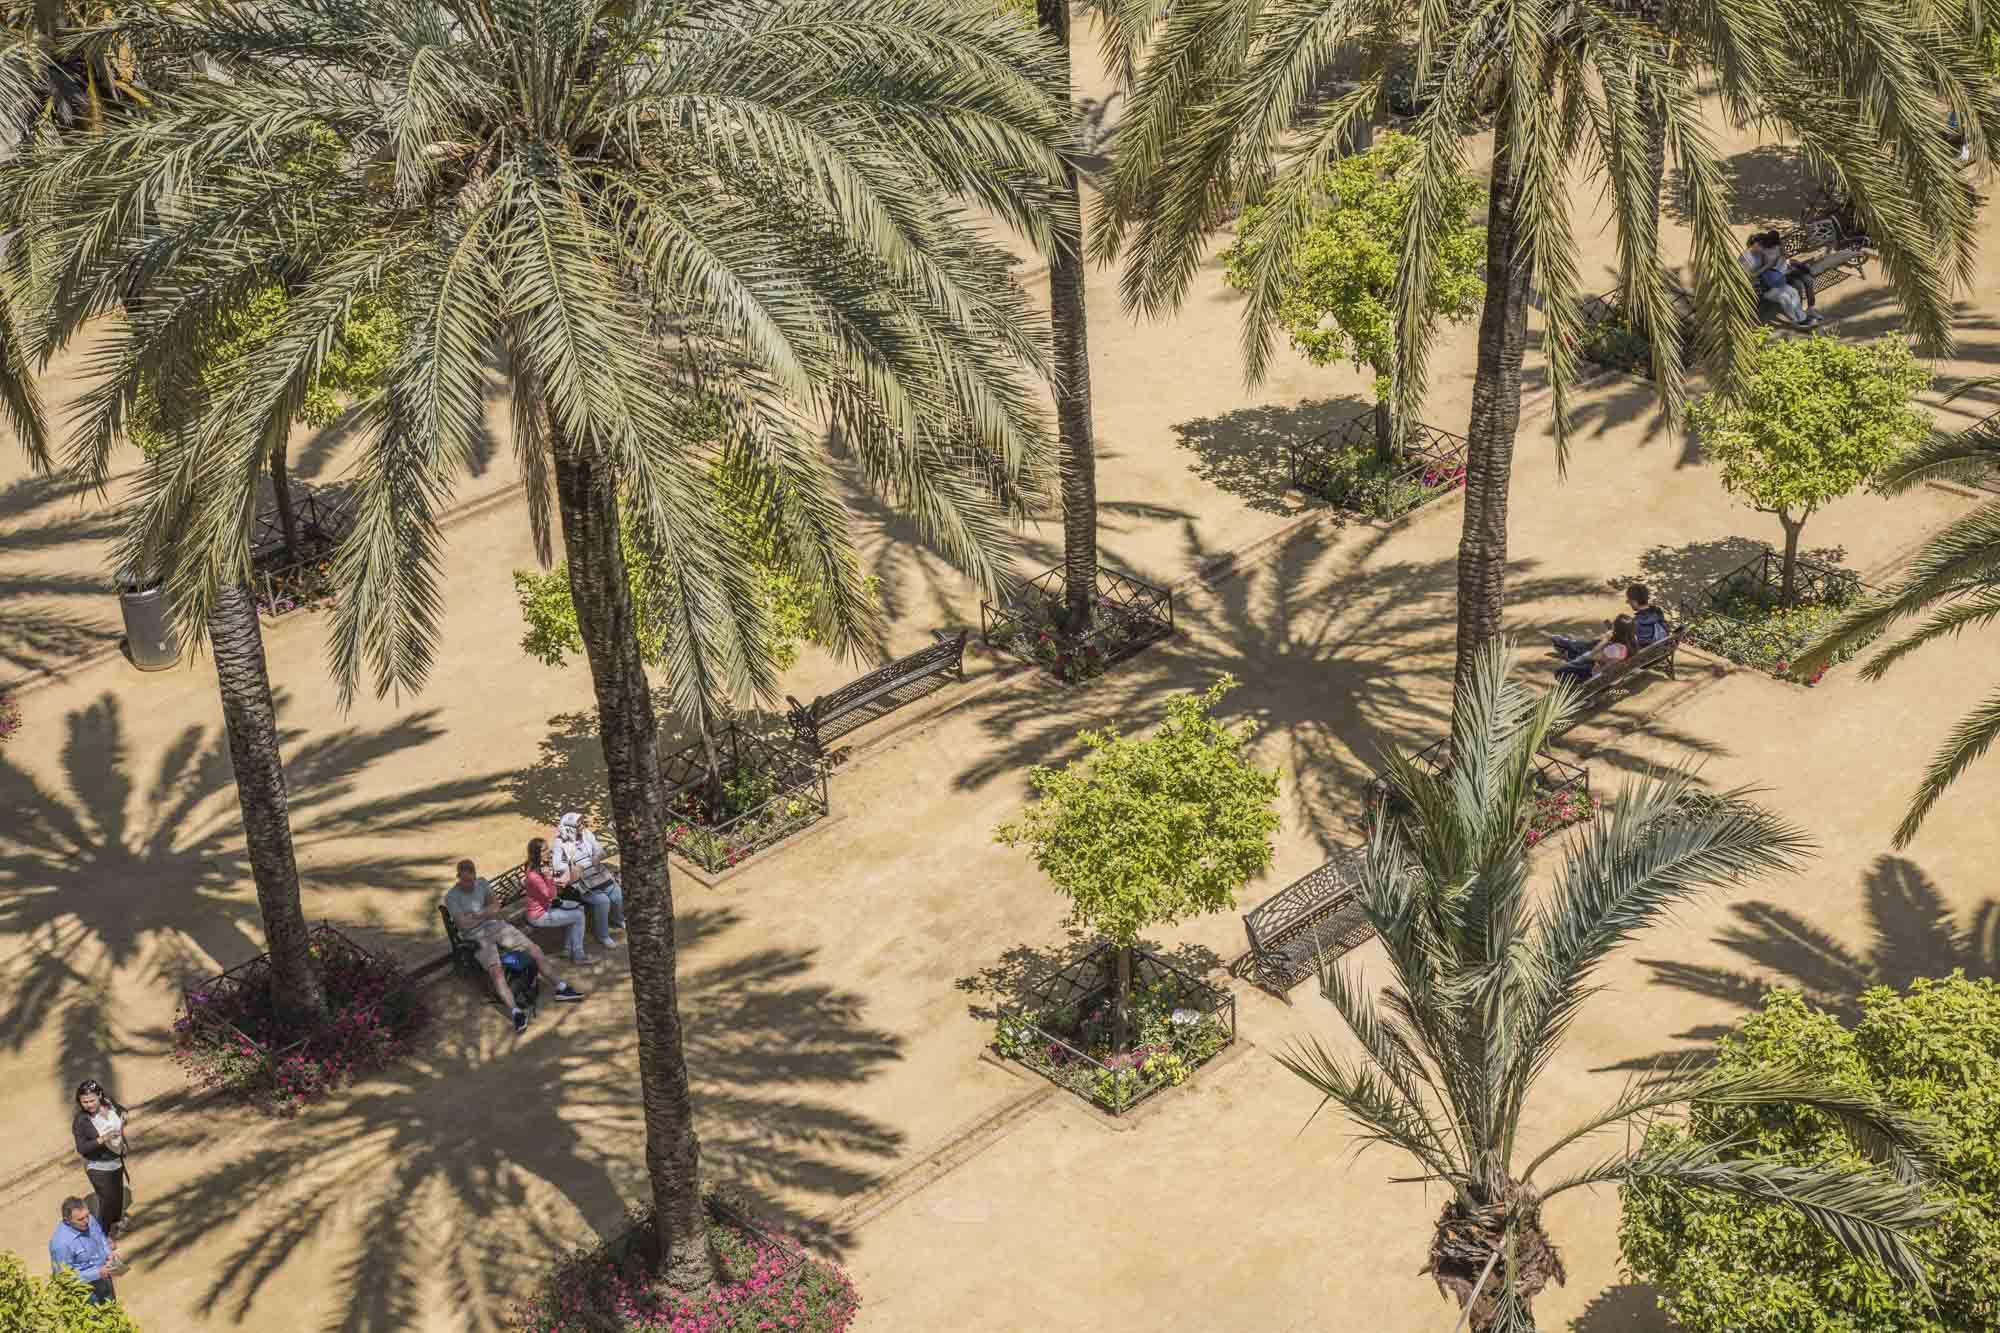 Spanien, Andalusien, Cordoba, Palmen auf dem Vorplatz des Alcázar de los Reyes Cristianos, ehemalige Mauerenfestung.